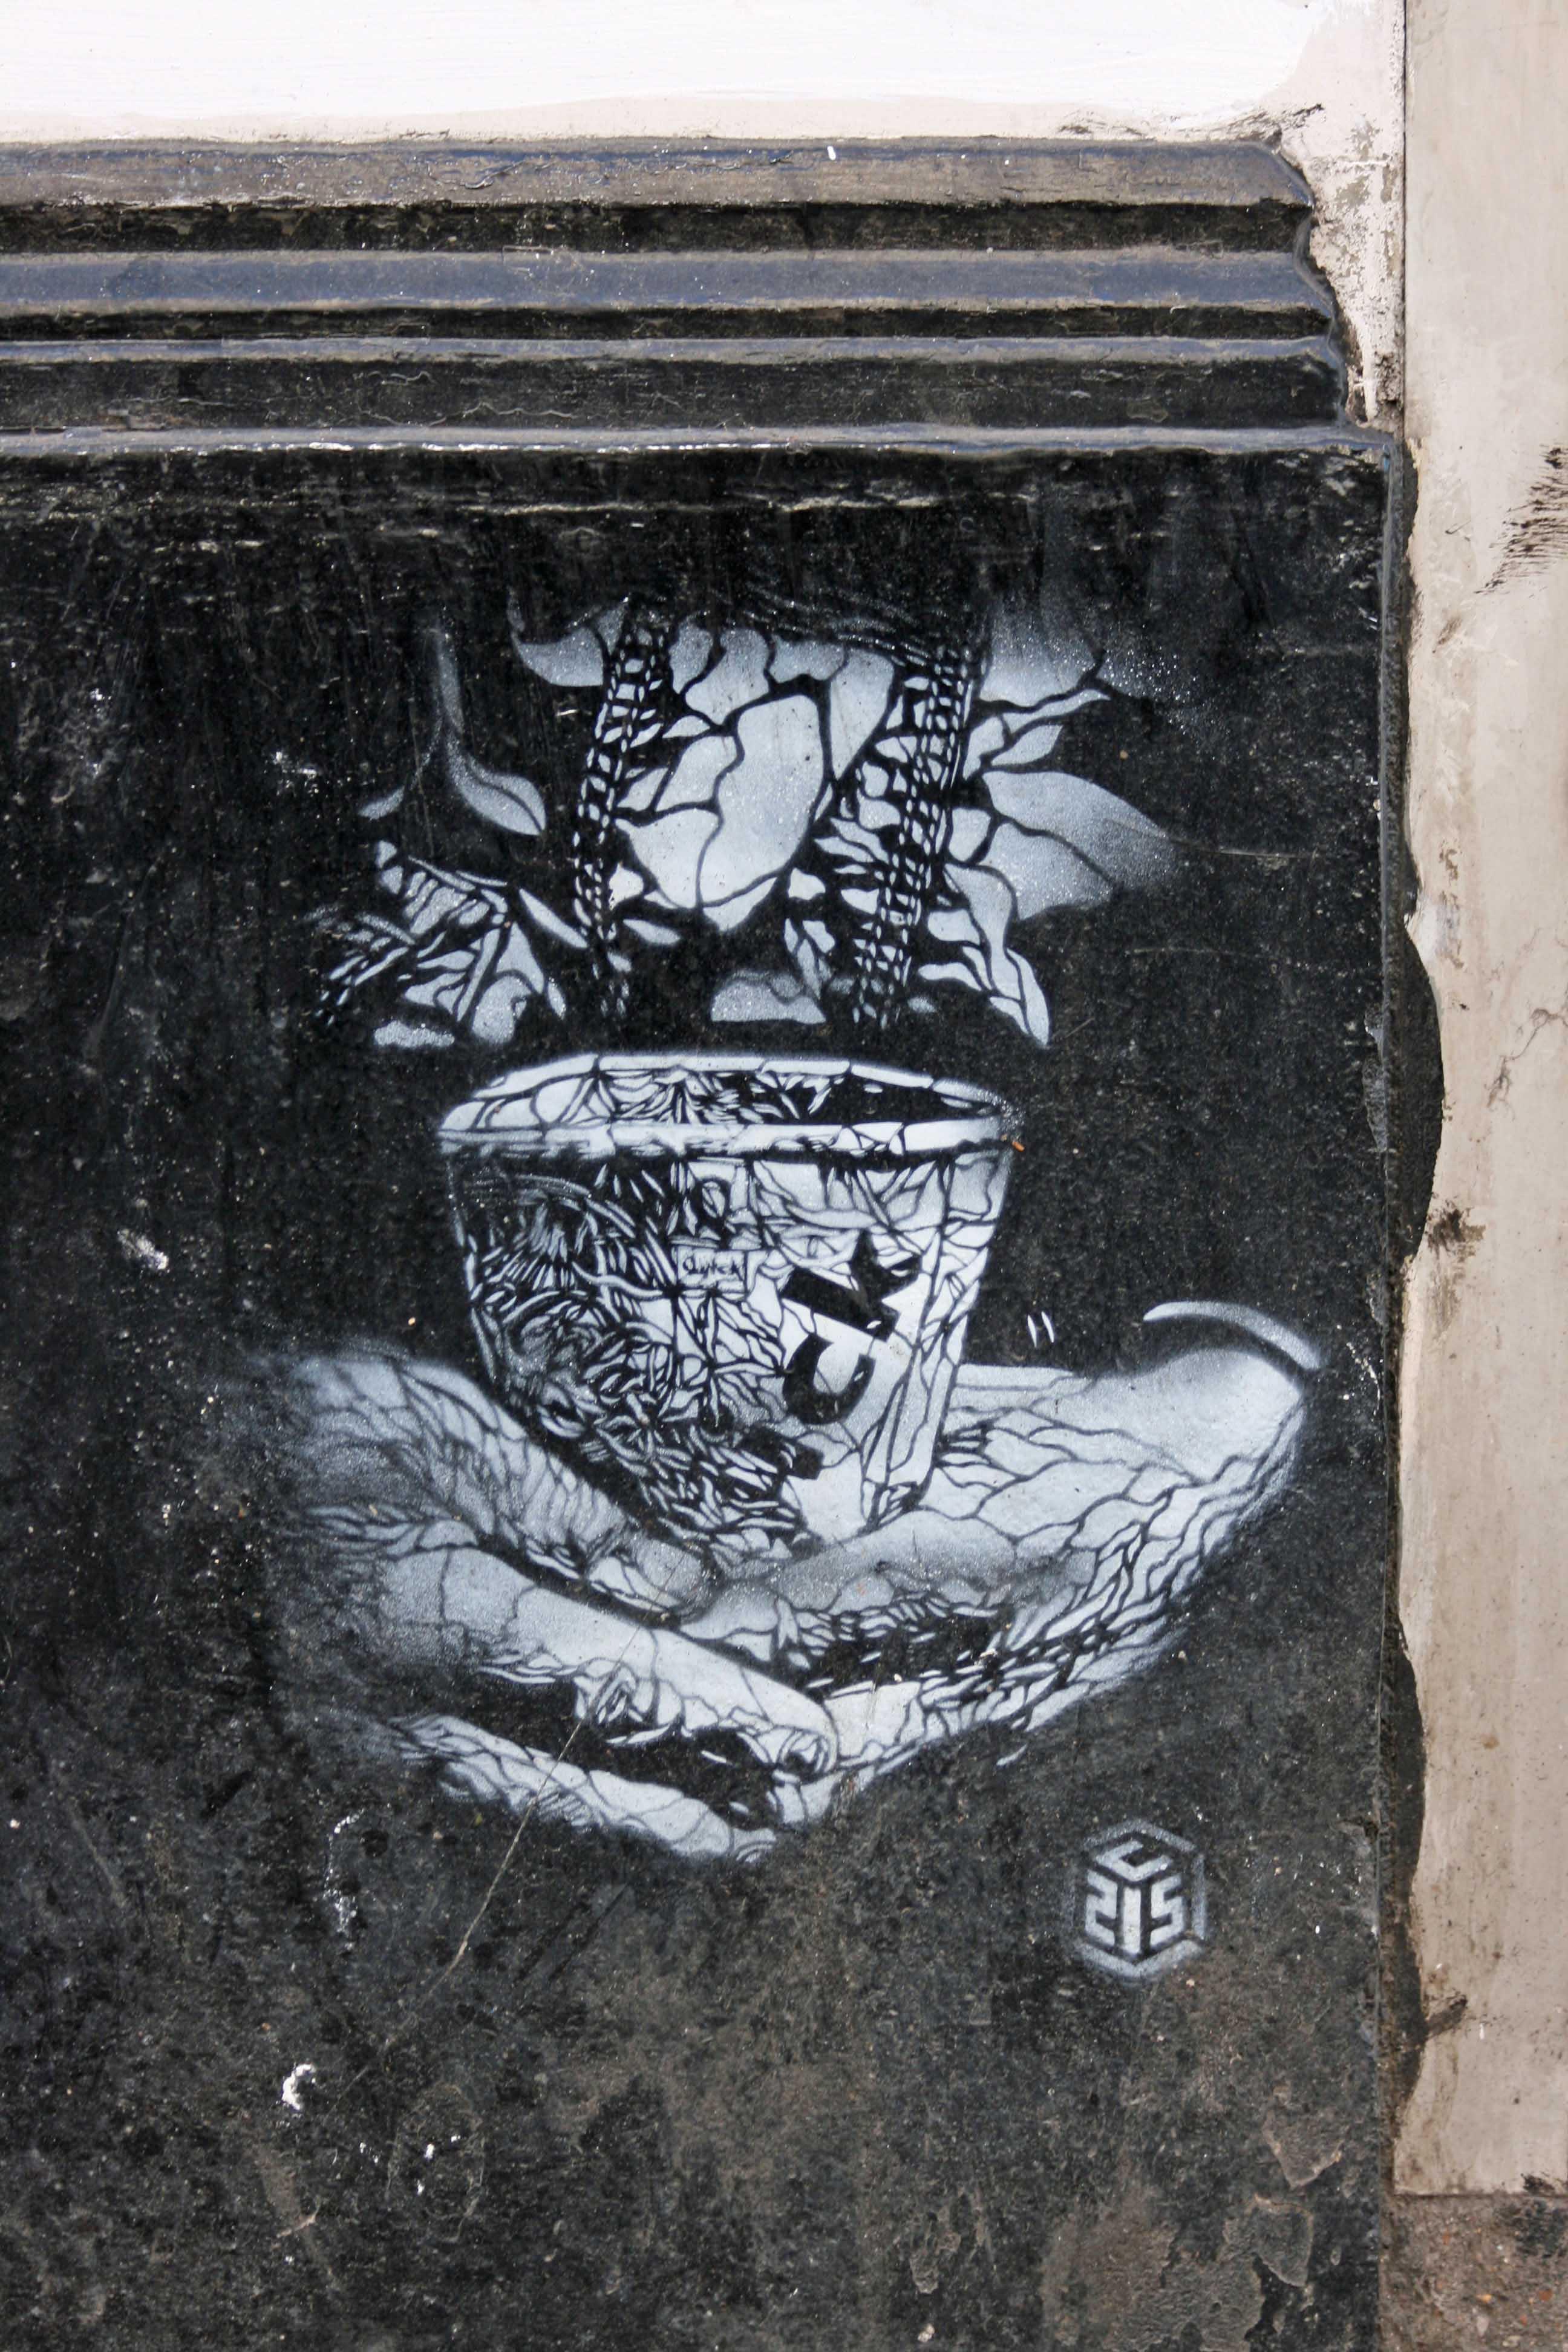 Small Change Please - Street Art by C215 in London